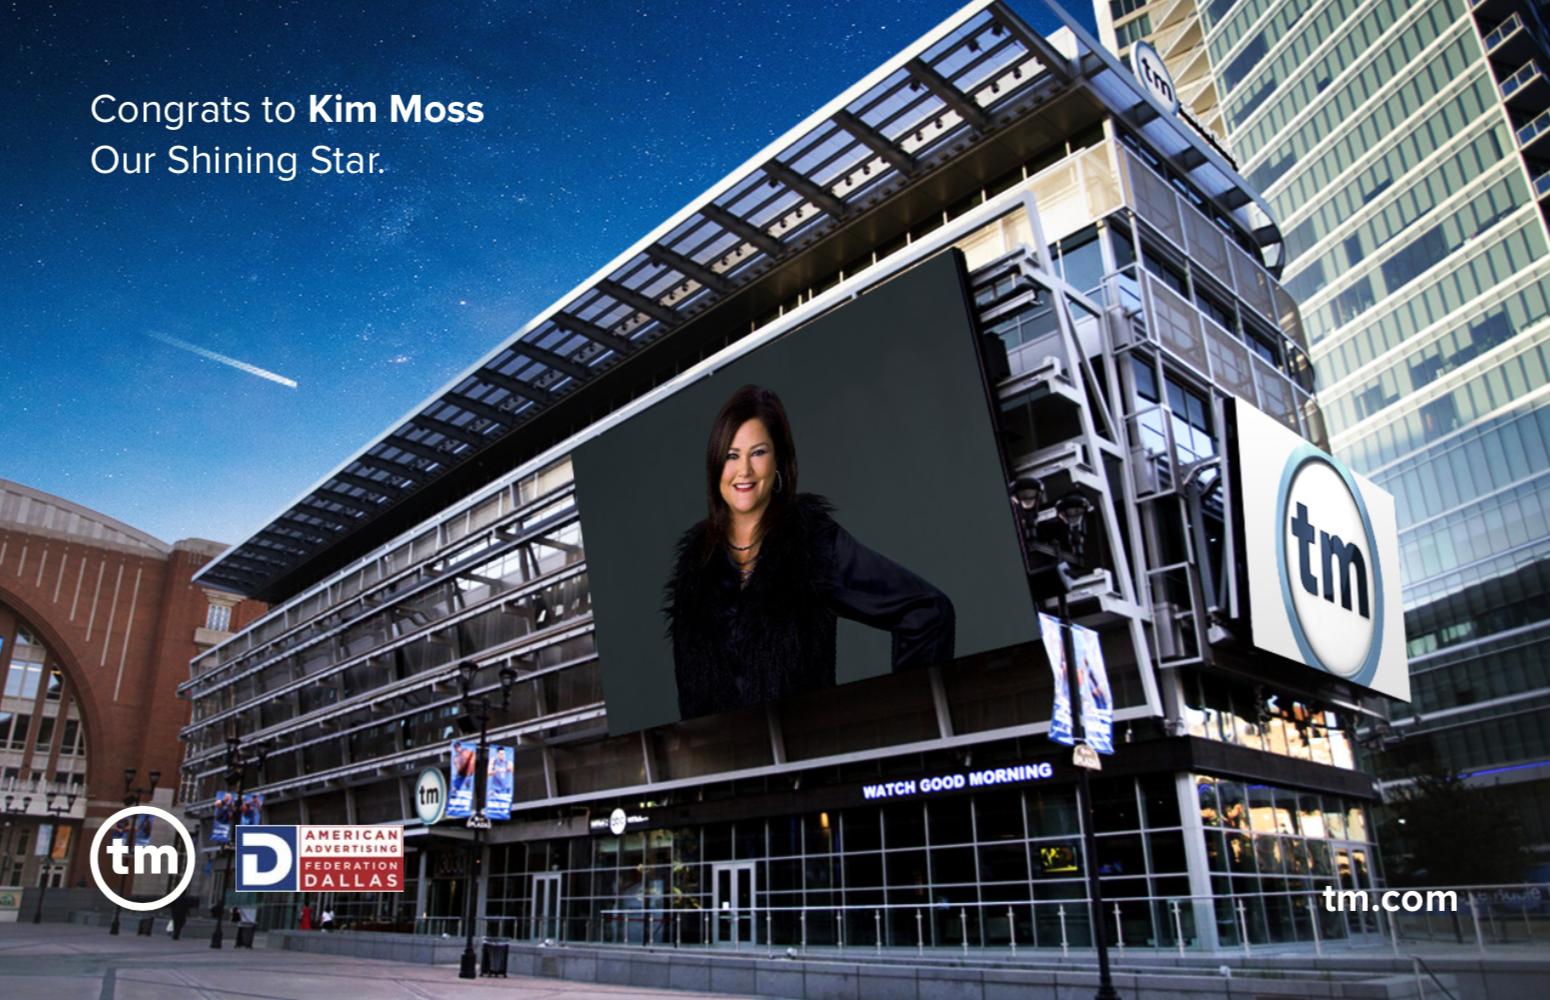 kim-shining-star.jpg